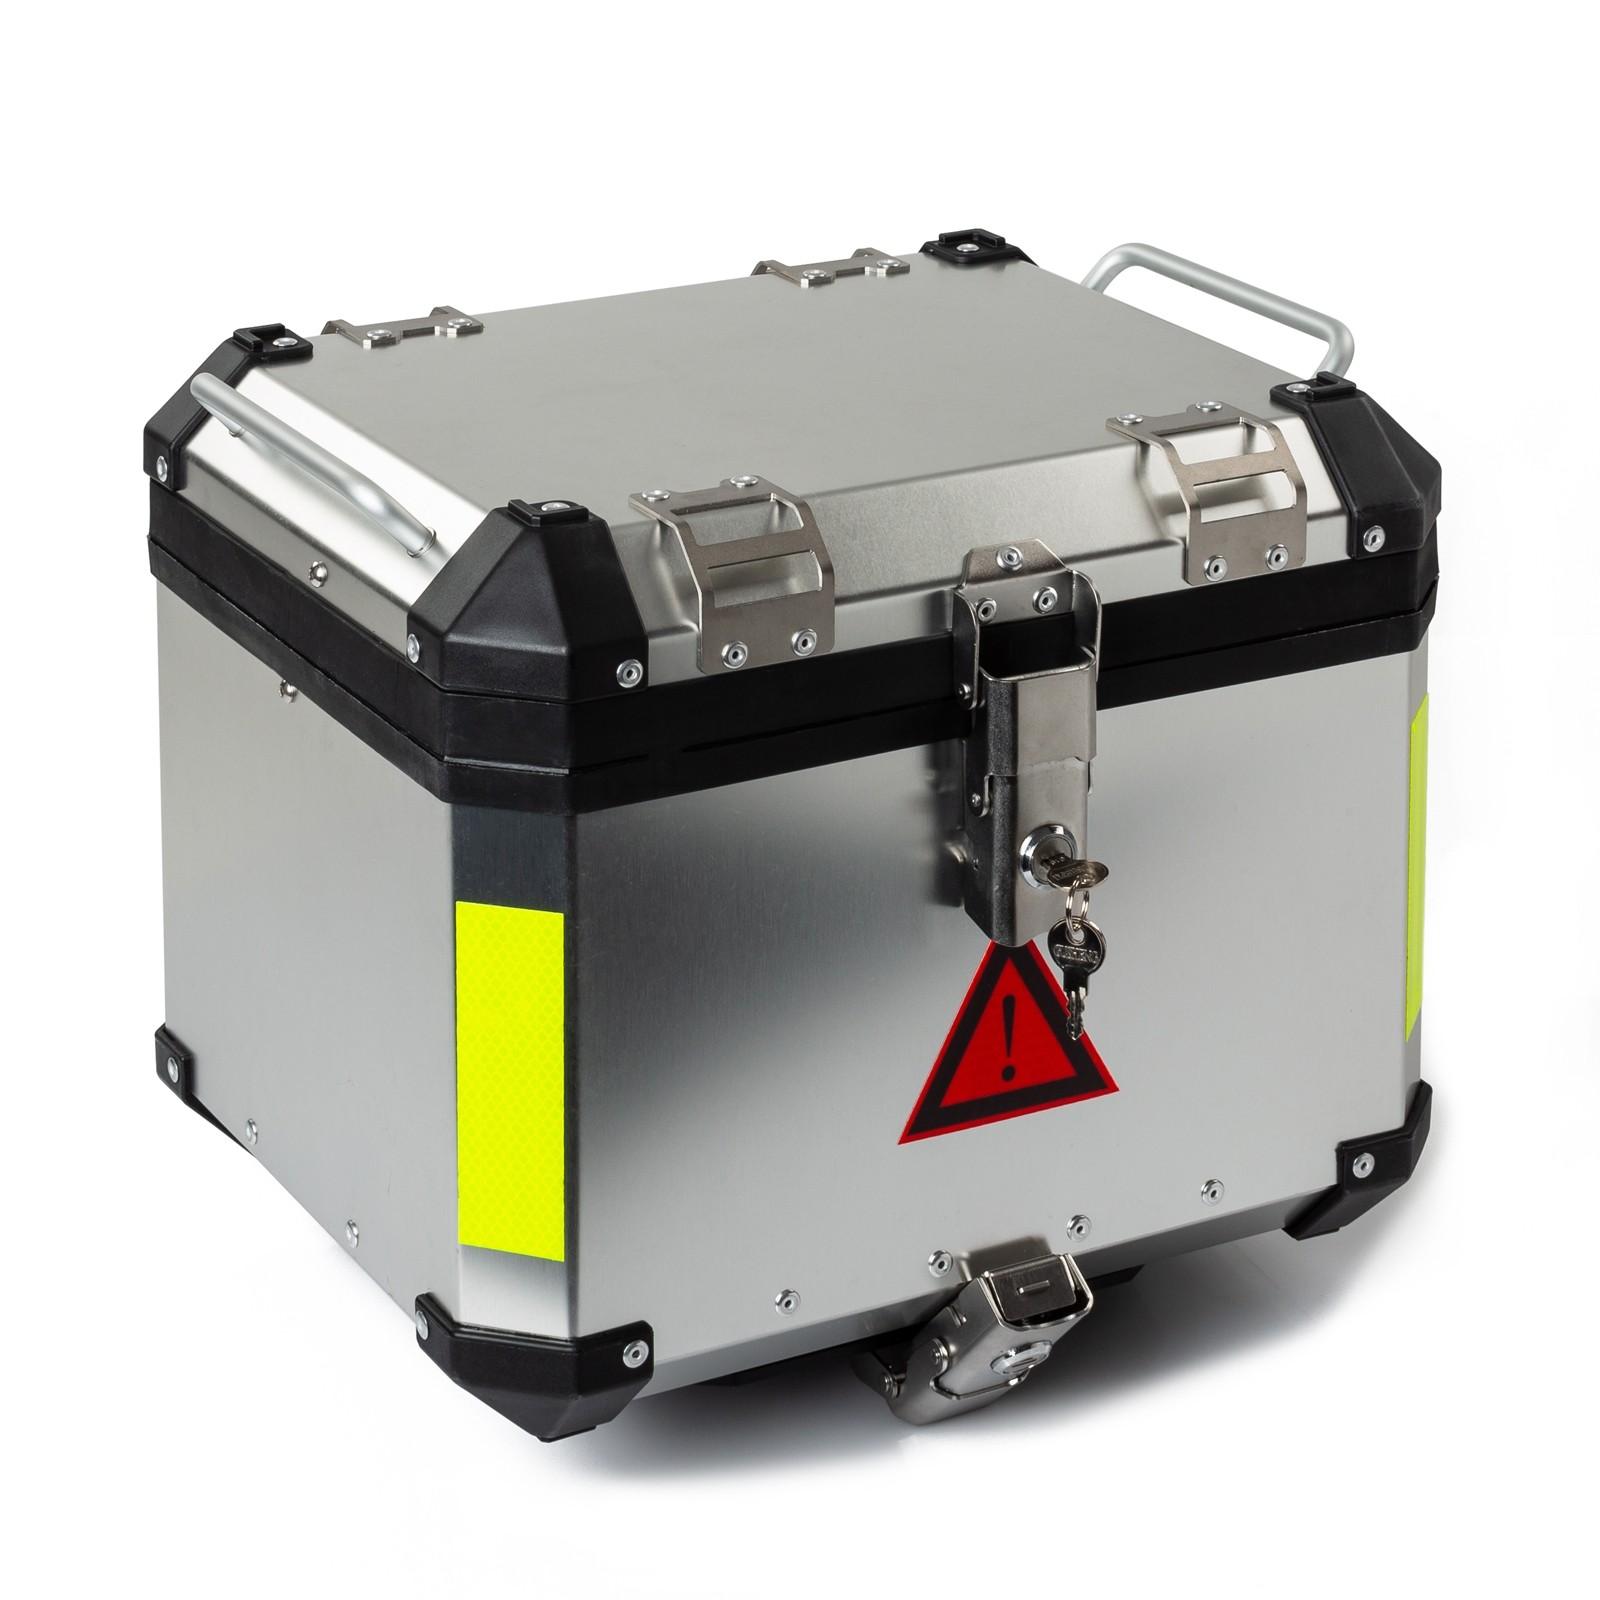 CAPONOSILV-Box-top-Case-Baule-Silver-Argento-Motorcycle-Sonic-Moto-Specifics